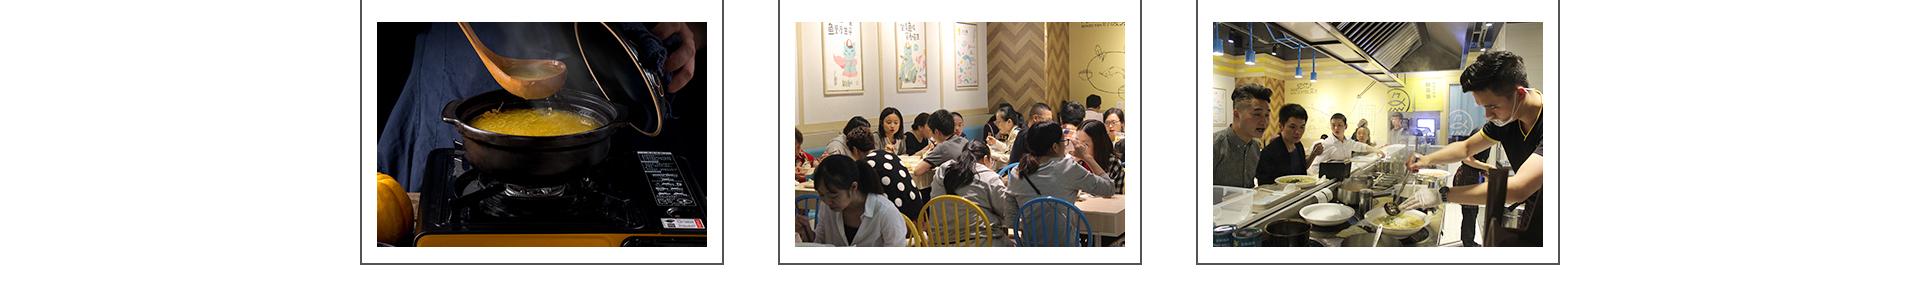 川小喵酸菜鱼cxm_16